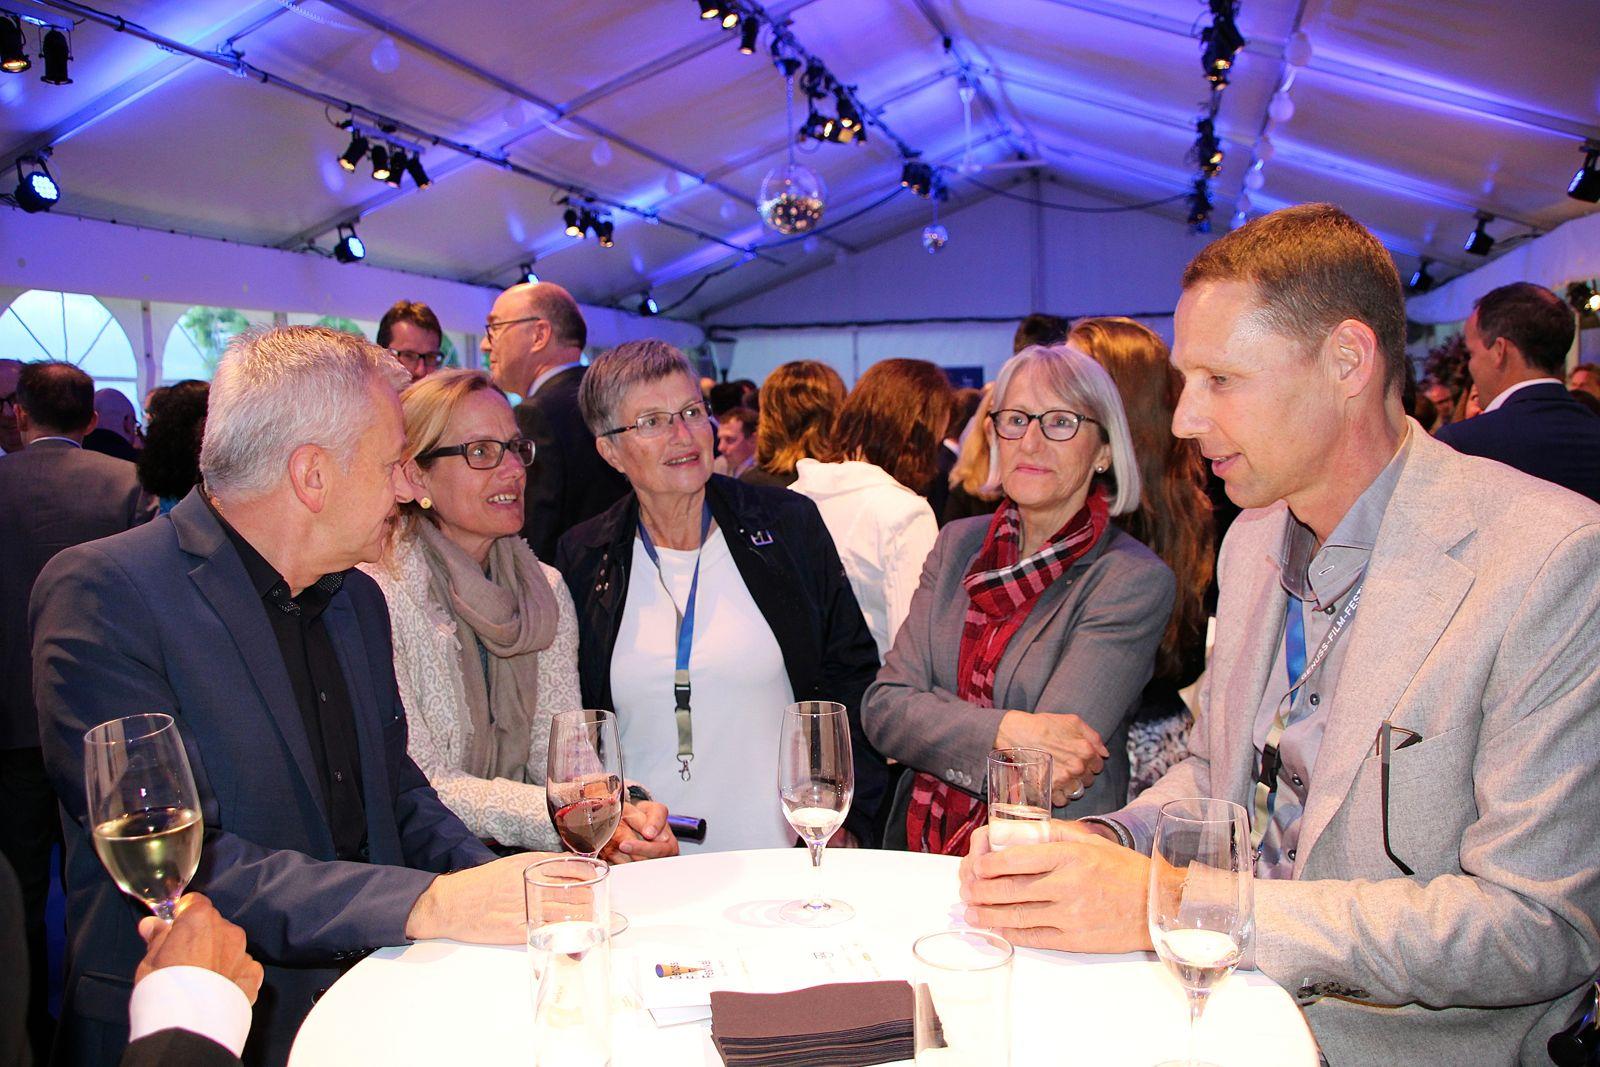 Johannes Stöckli, Präsident der Theater- und Musikgesellschaft Zug (rechts), links von ihm die ehemalige Obergerichtspräsidentin Iris Studer mit weiteren Besuchern.